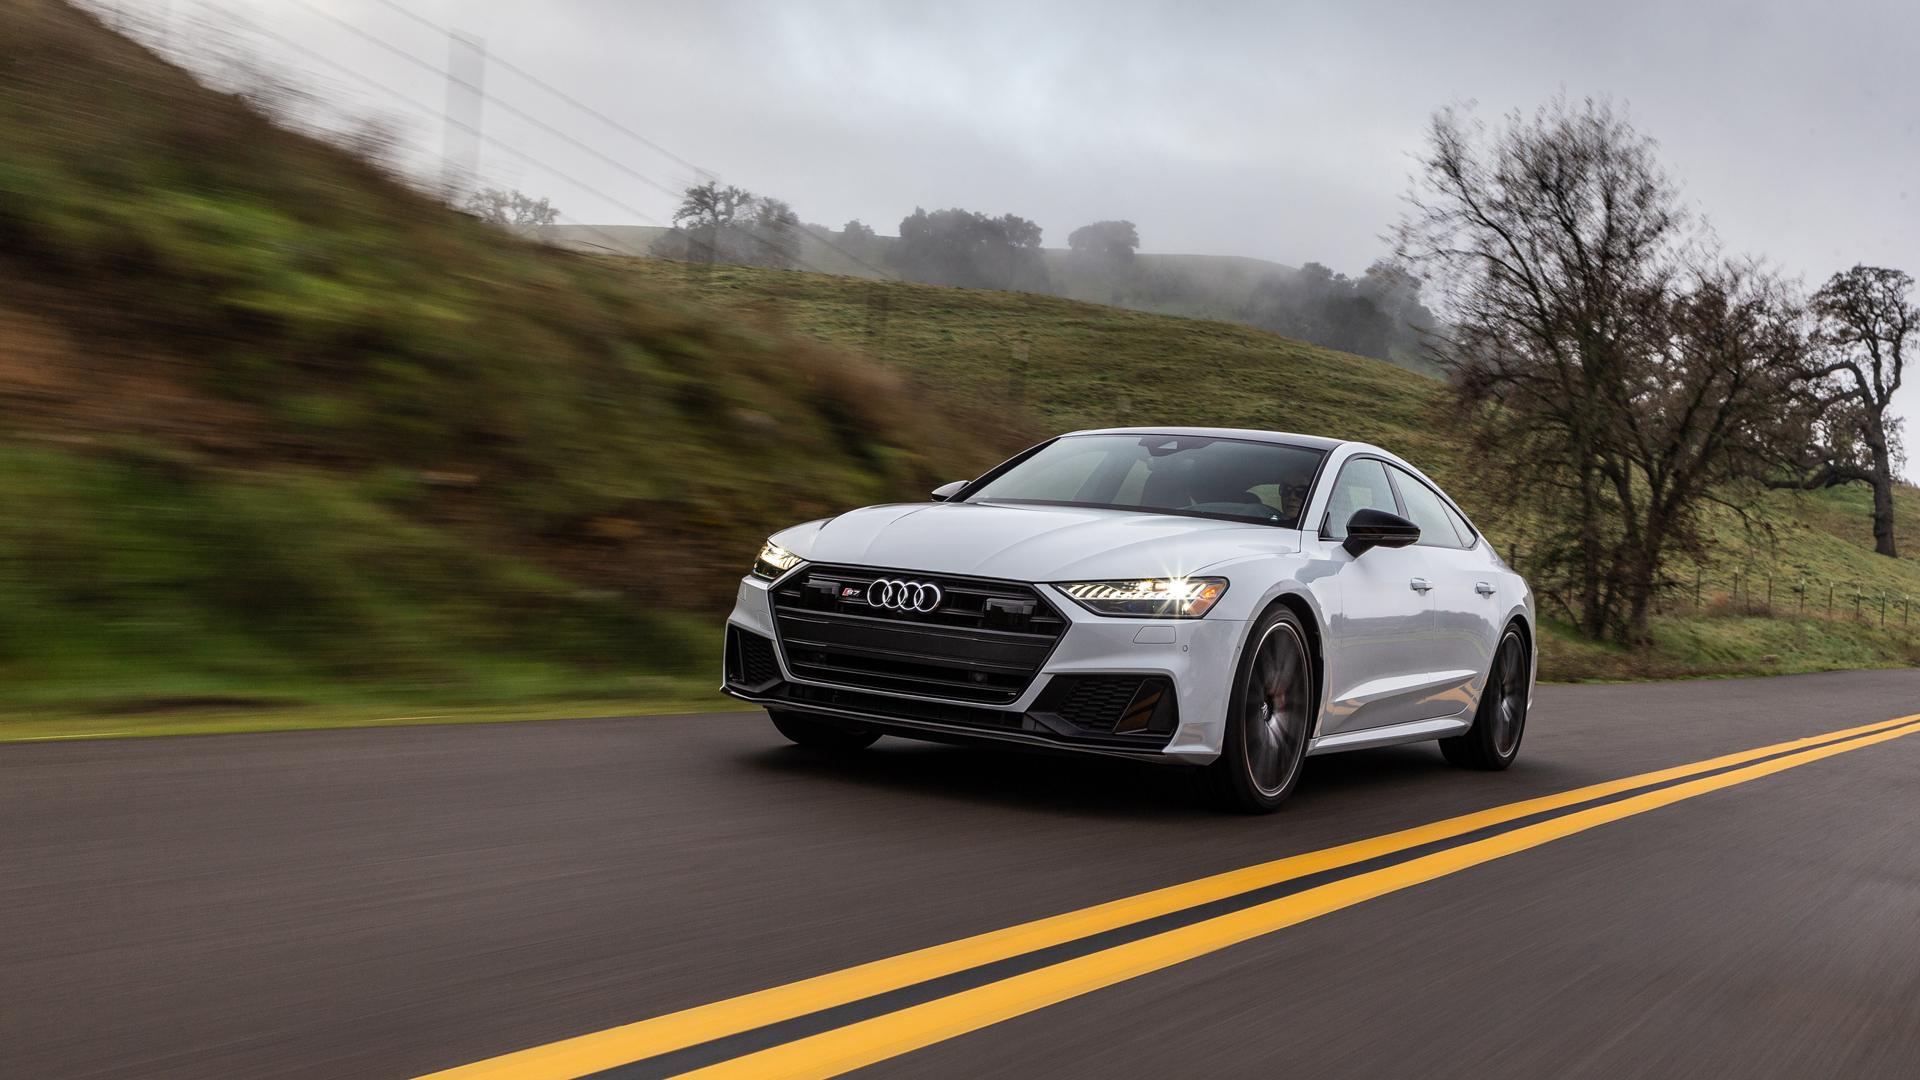 Kelebihan Kekurangan Audi S6 Top Model Tahun Ini